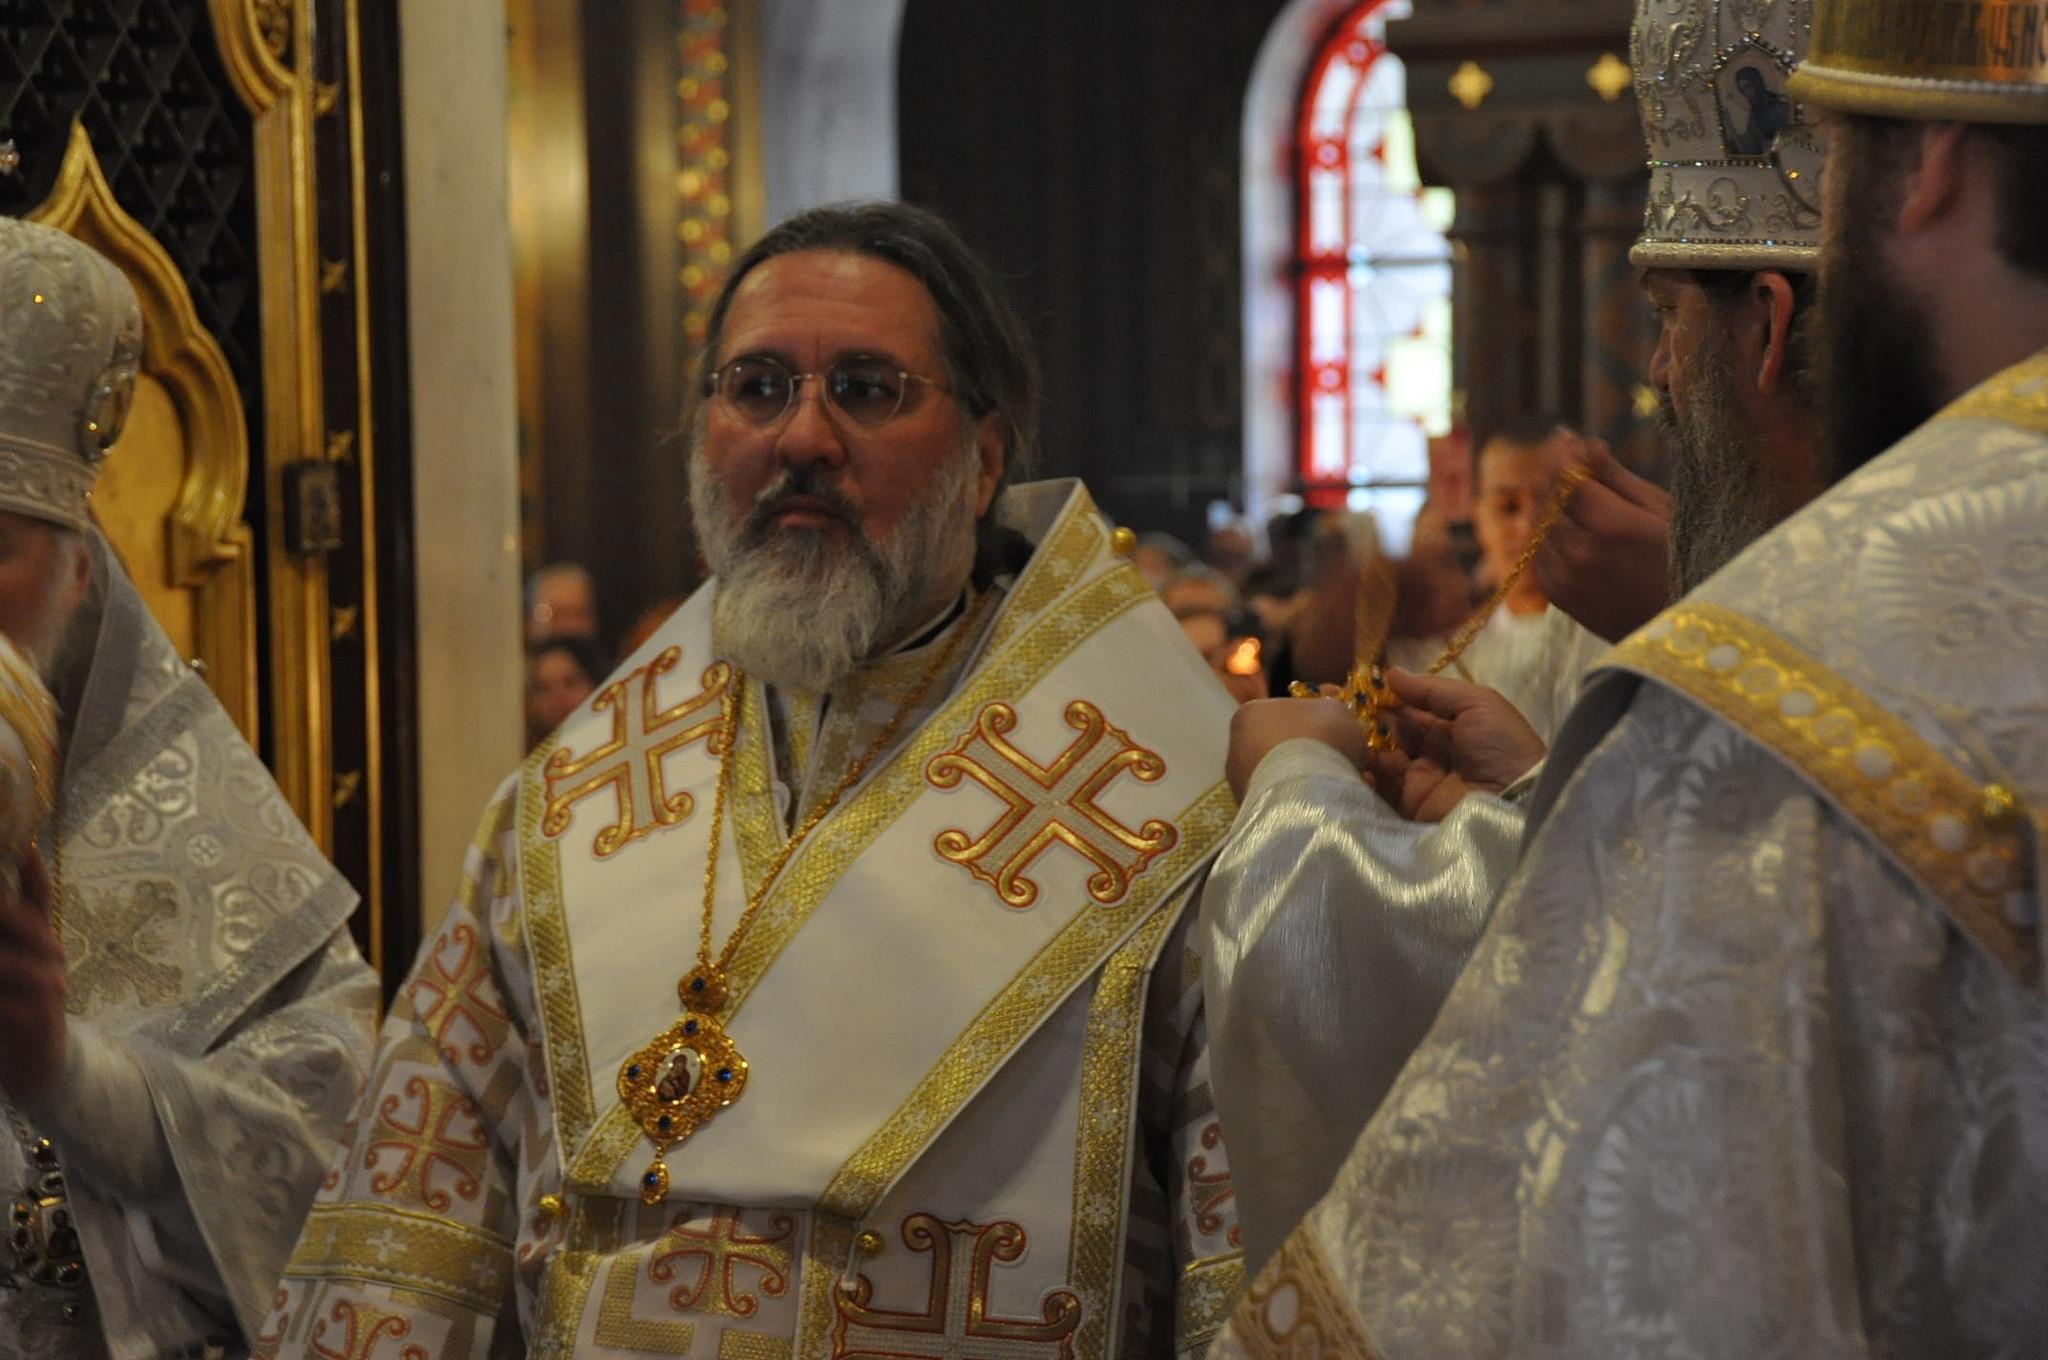 Suite de l'habillement du nouvel évêque Alexandre, toujours devant l'autel (© 2019 Alex Romash).